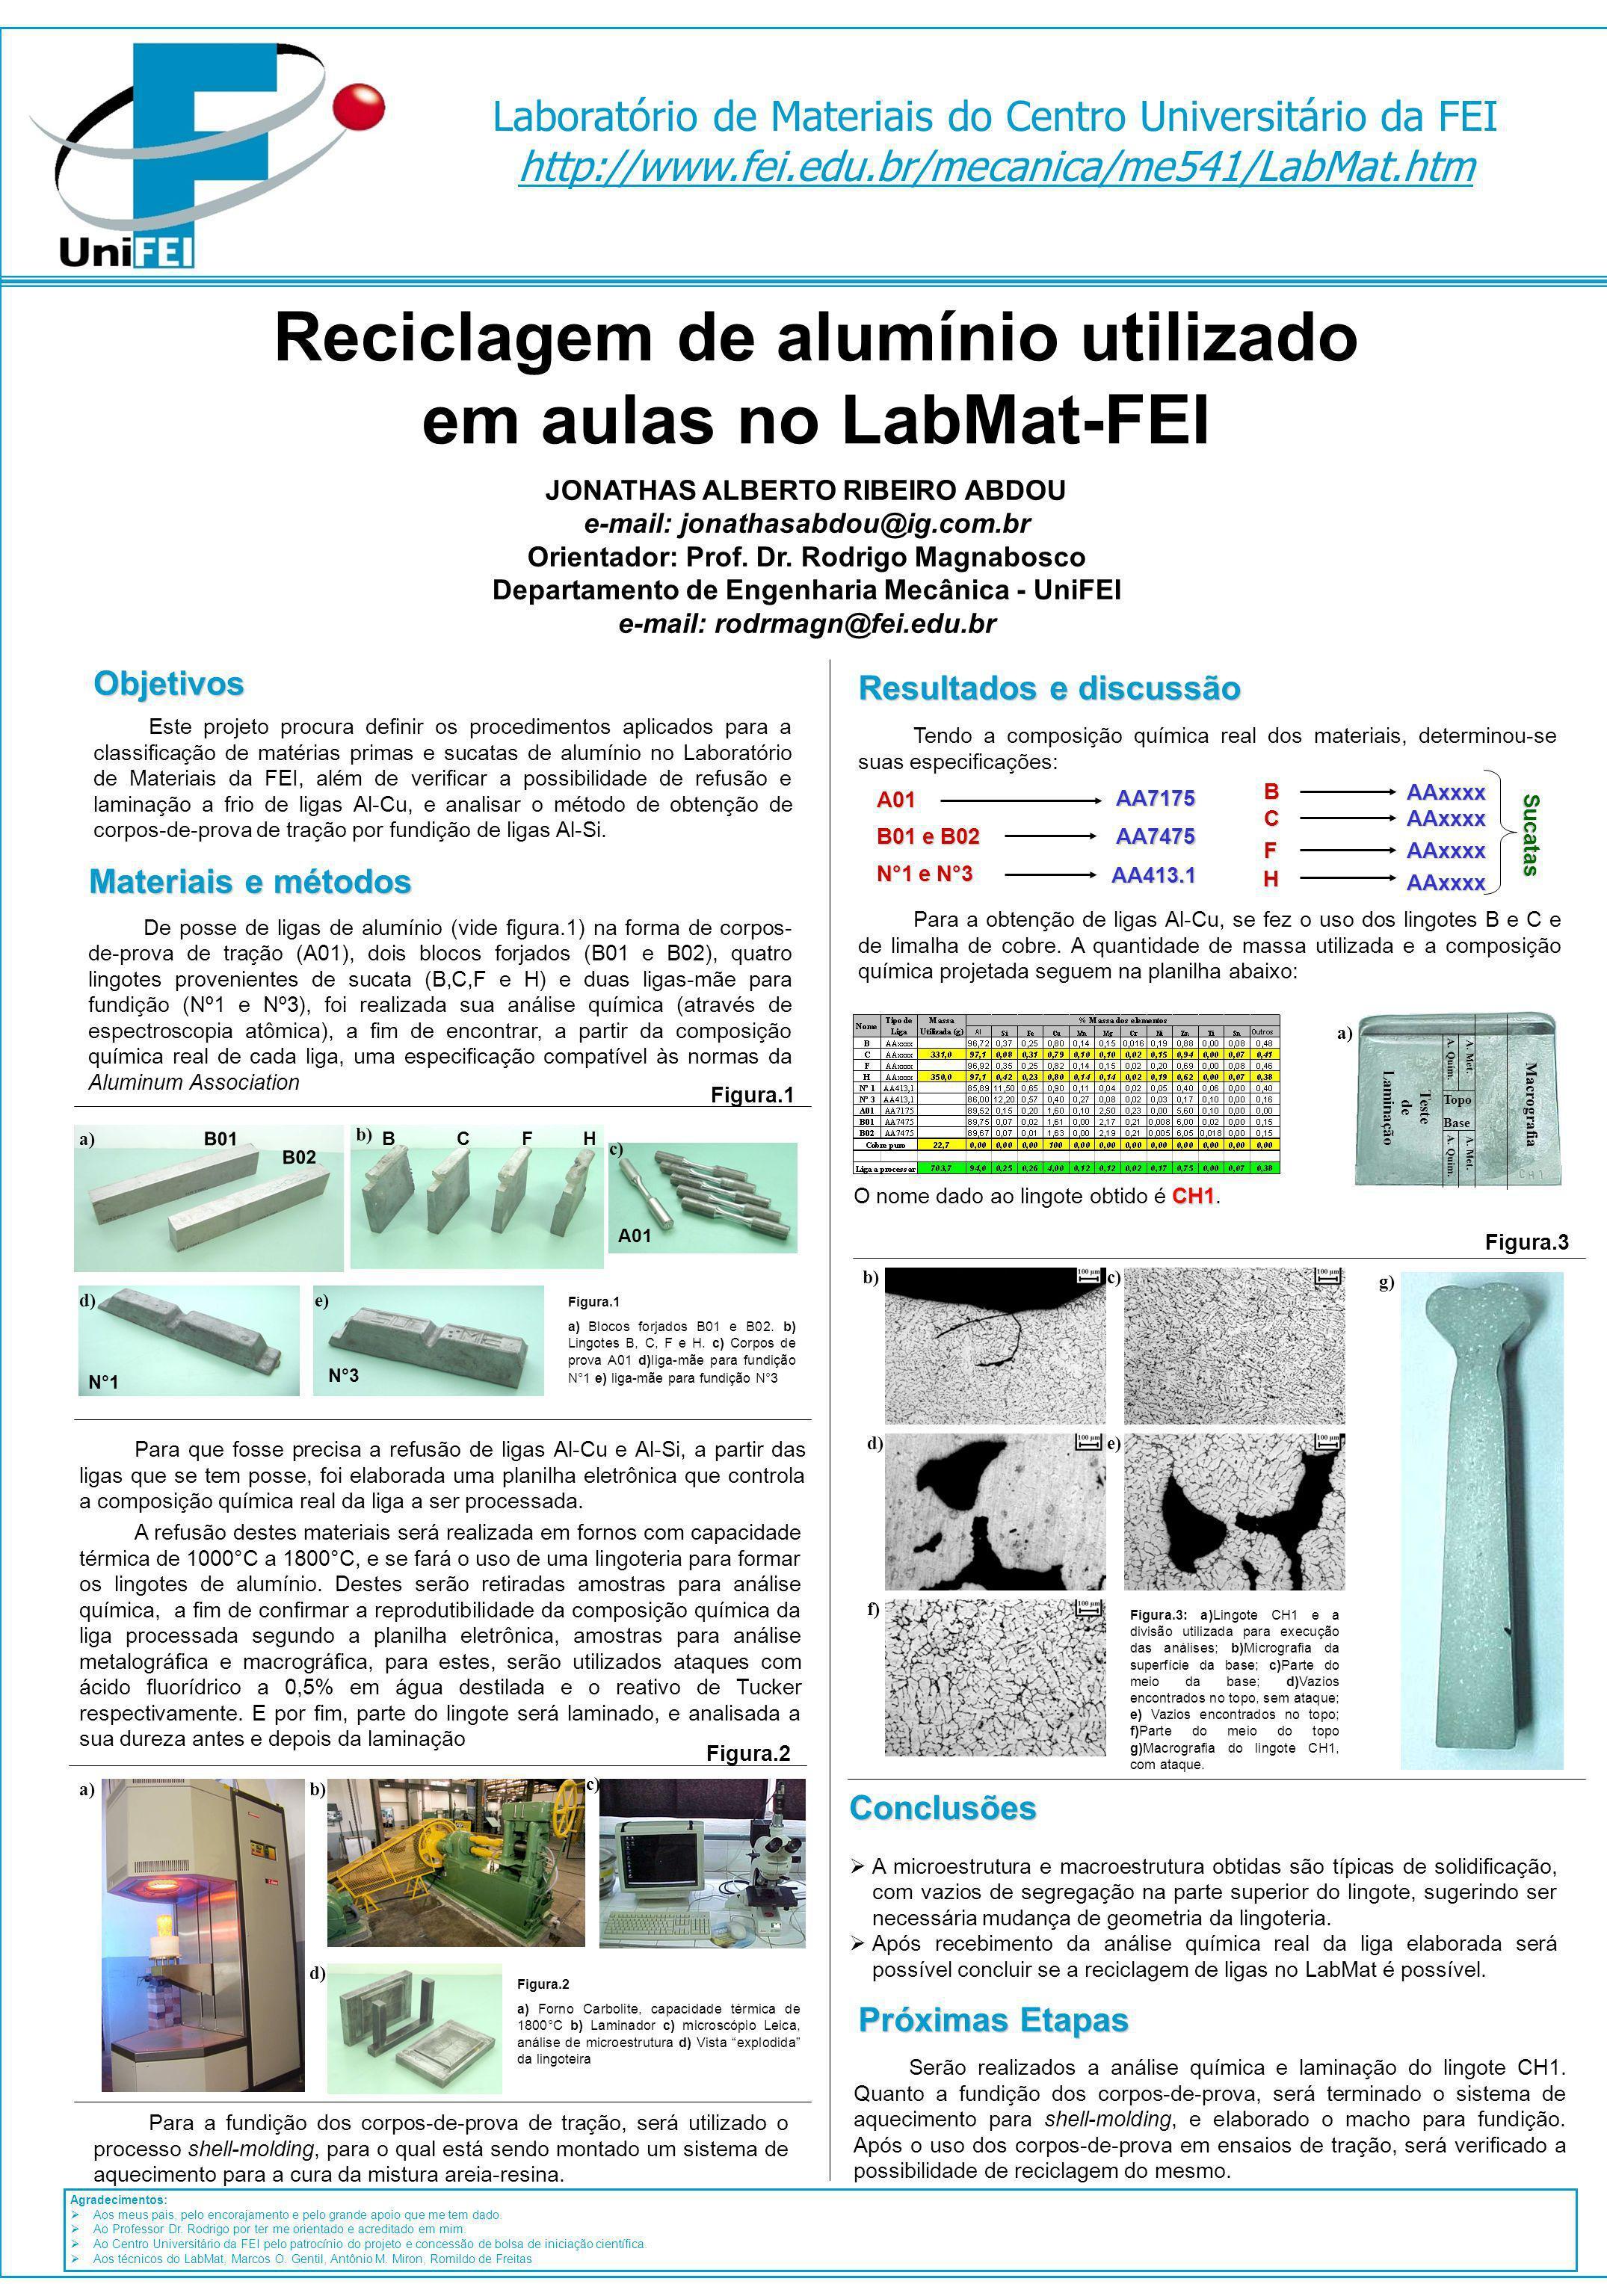 Reciclagem de alumínio utilizado em aulas no LabMat-FEI